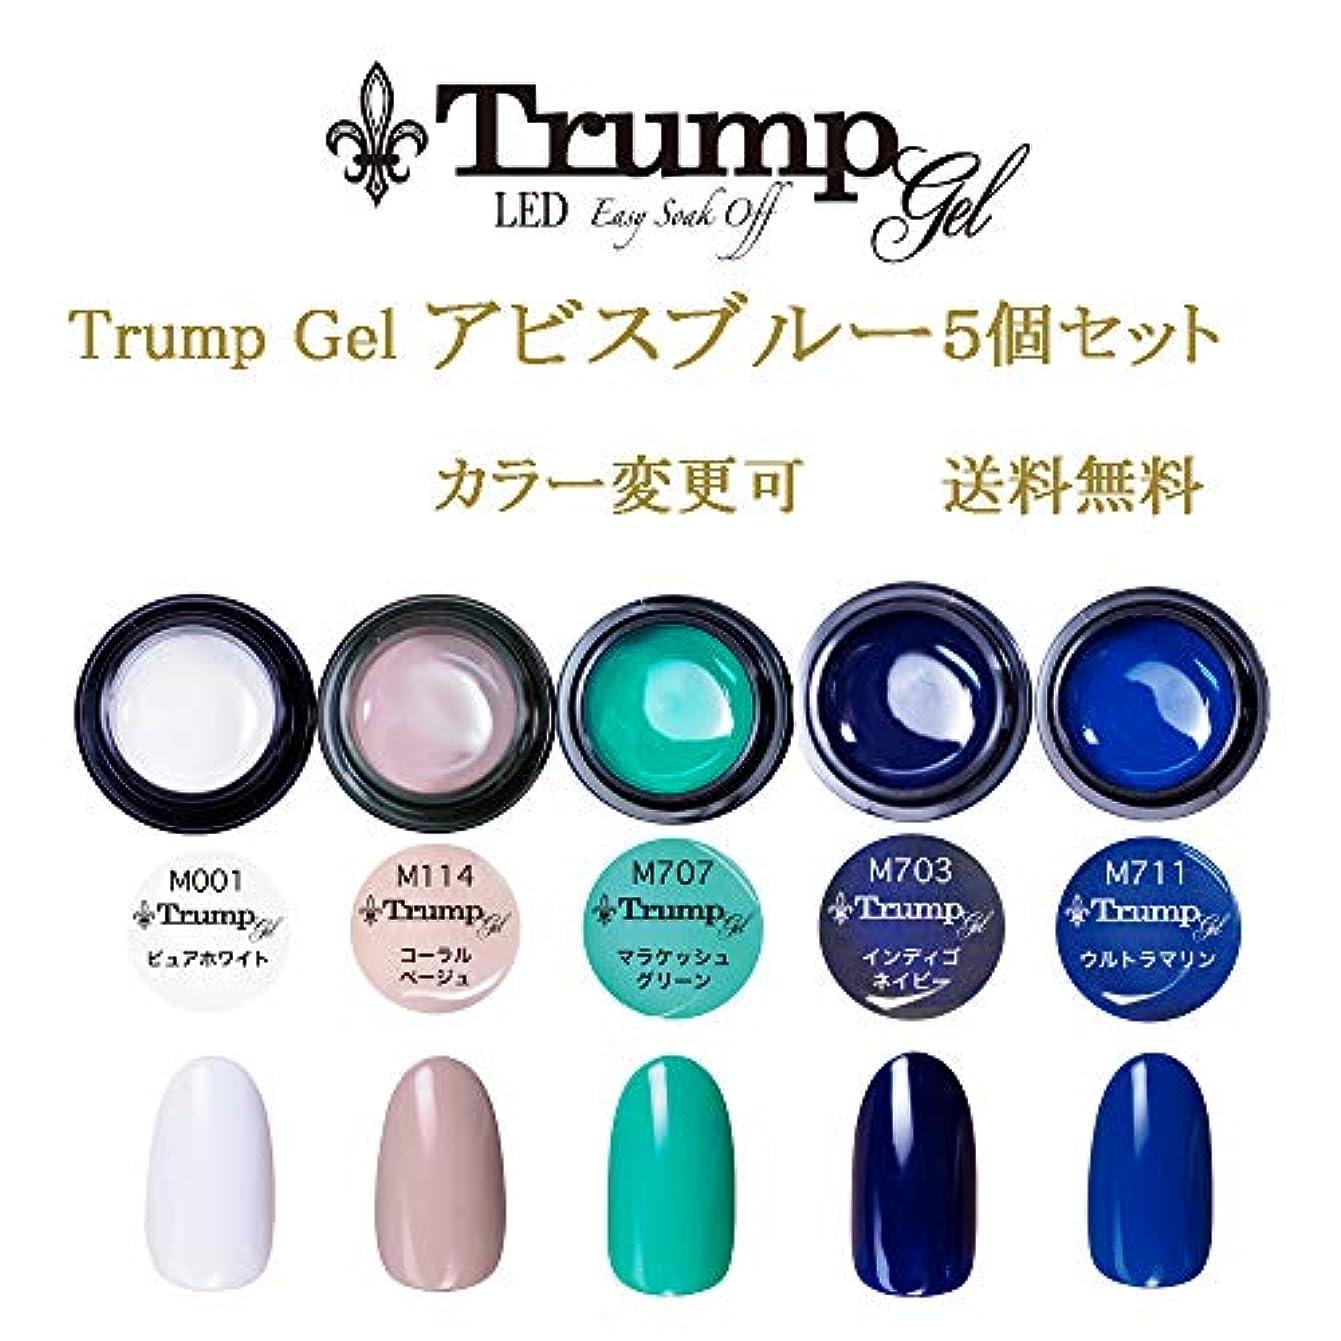 大気試用嵐の日本製 Trump gel トランプジェル アビスブルーカラー 選べる カラージェル 5個セット ブルー ベージュ ターコイズ